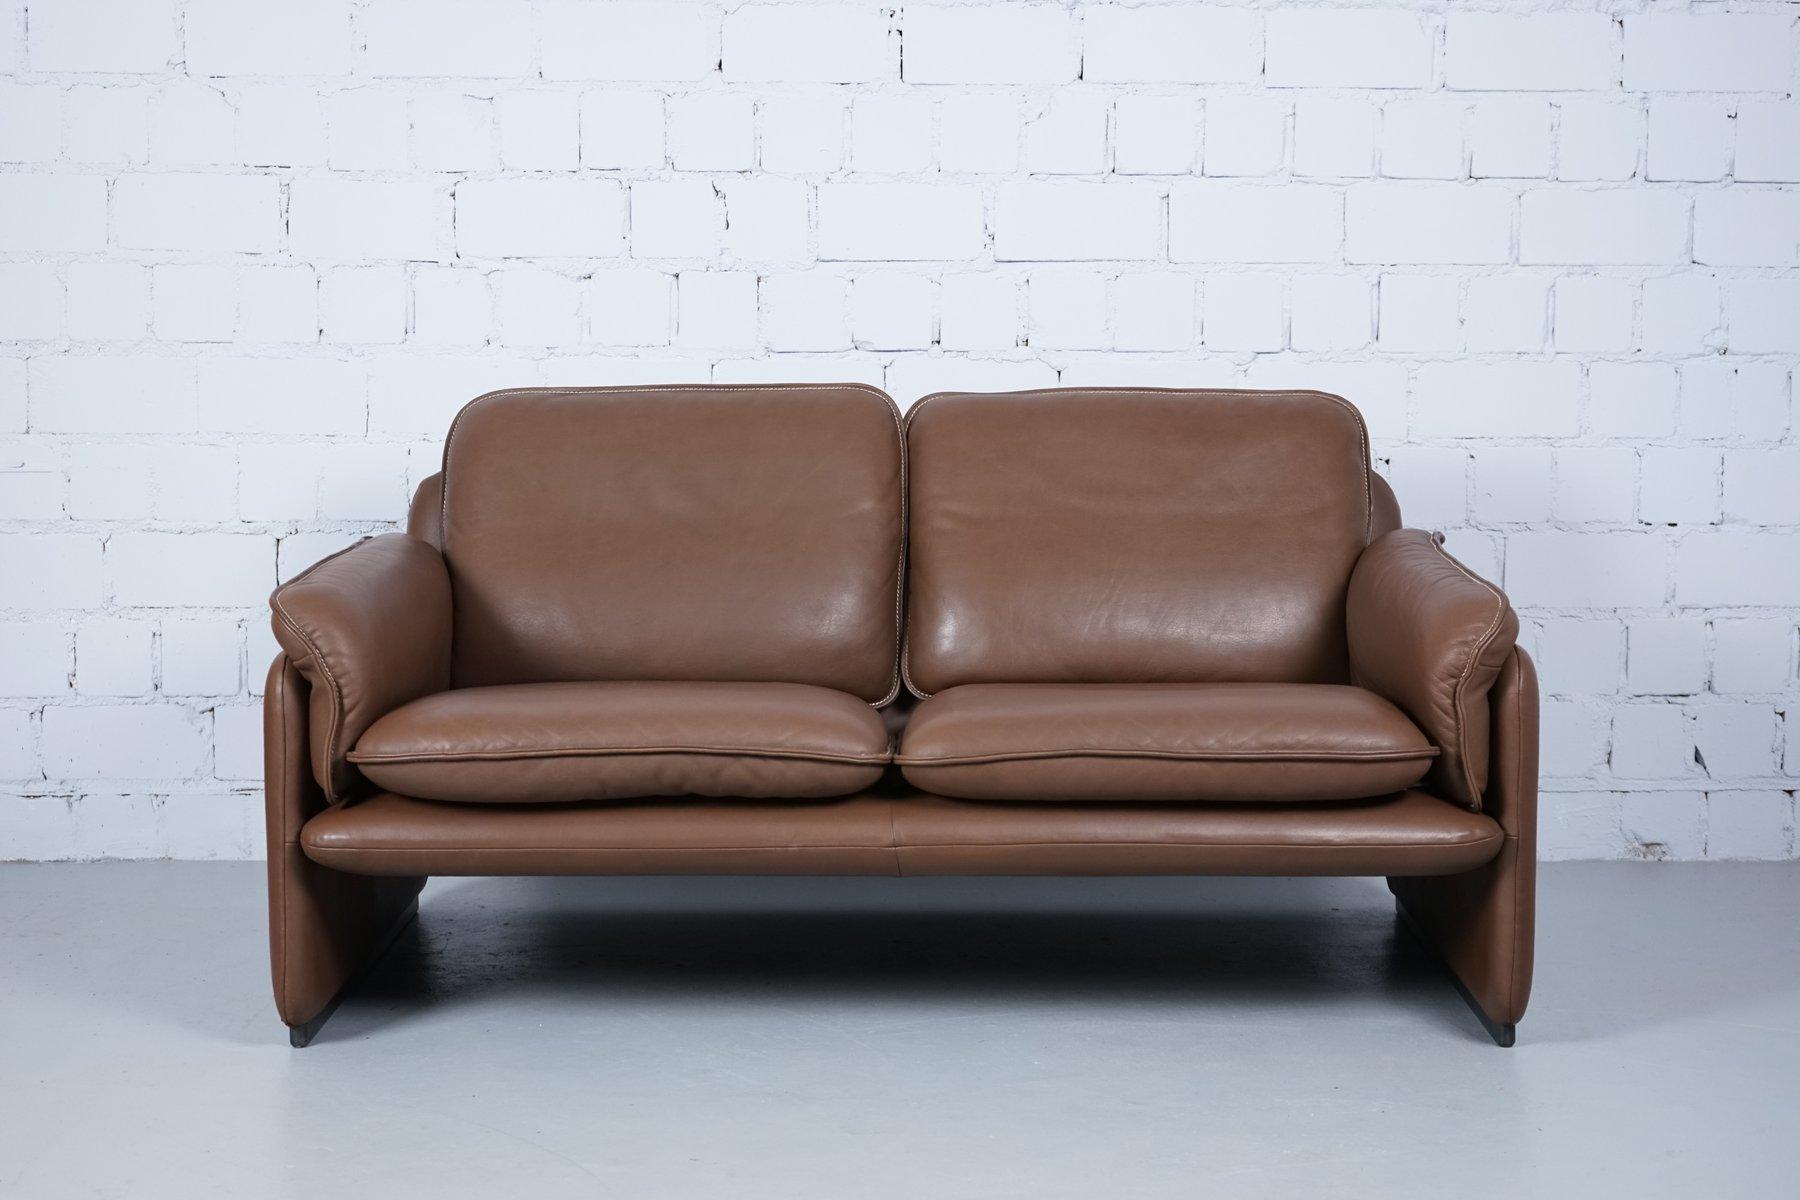 modell ds61 2 sitzer sofa sessel von de sede 1960er. Black Bedroom Furniture Sets. Home Design Ideas